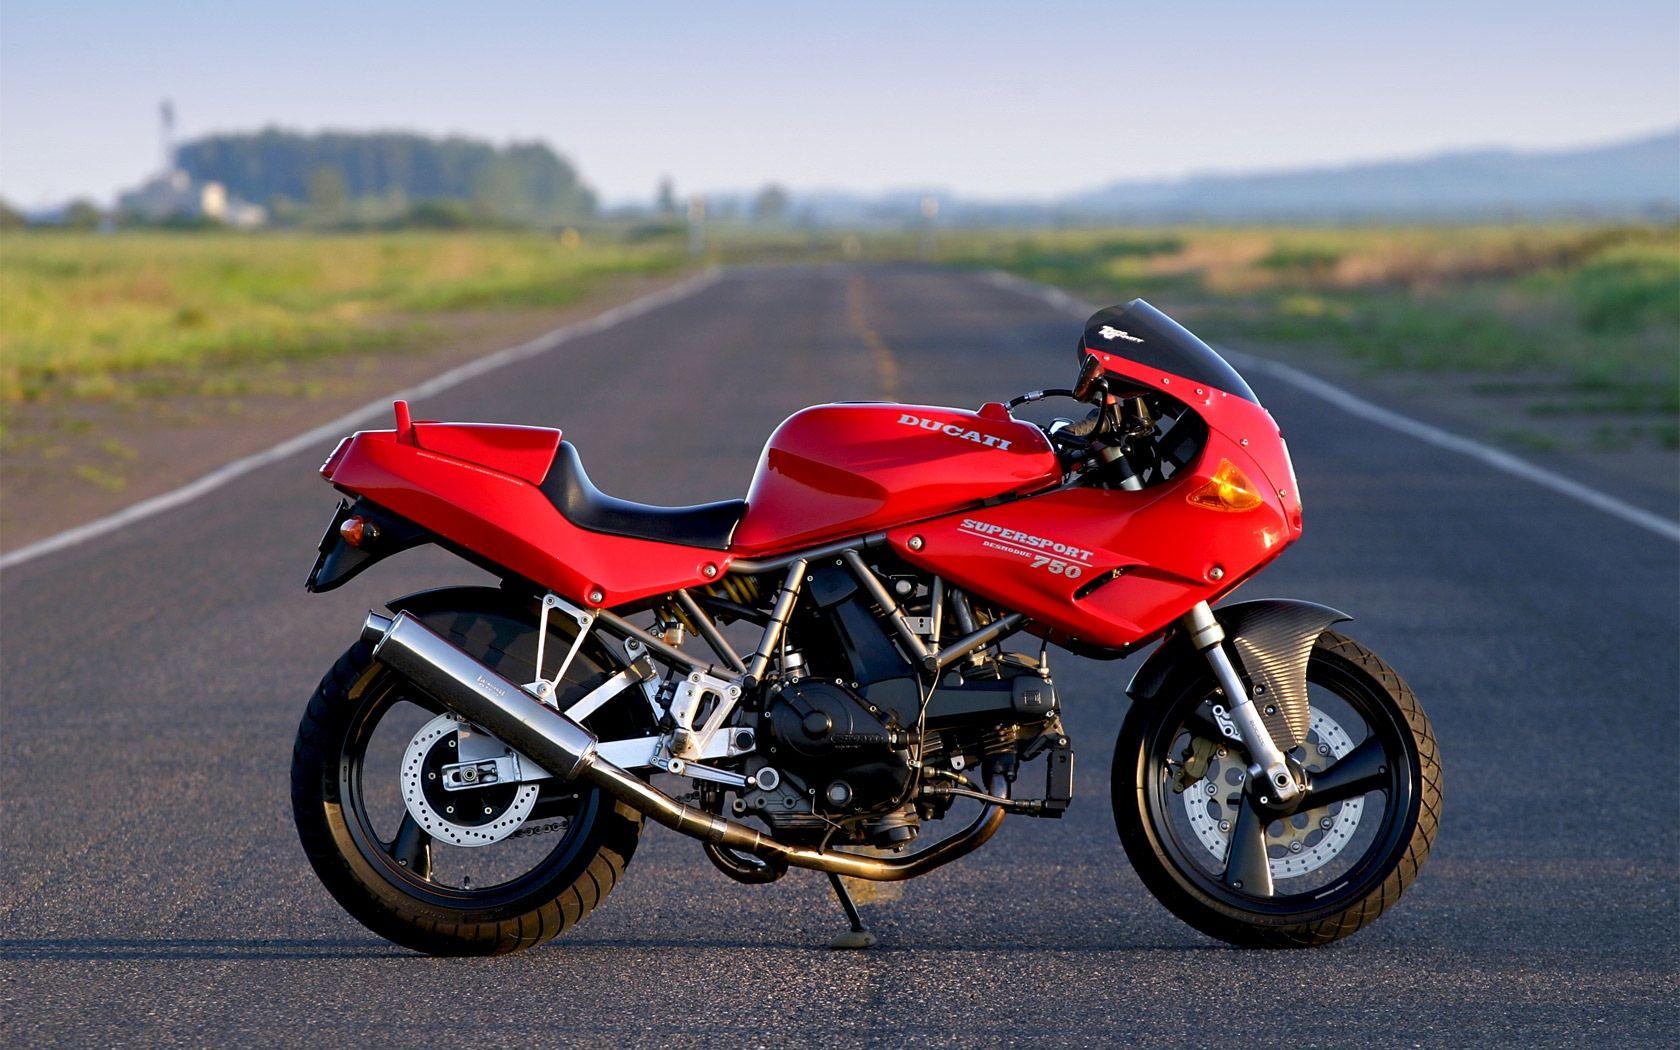 1993 Ducati 750 Supersport Wallpaper Ducati Supersport Ducati